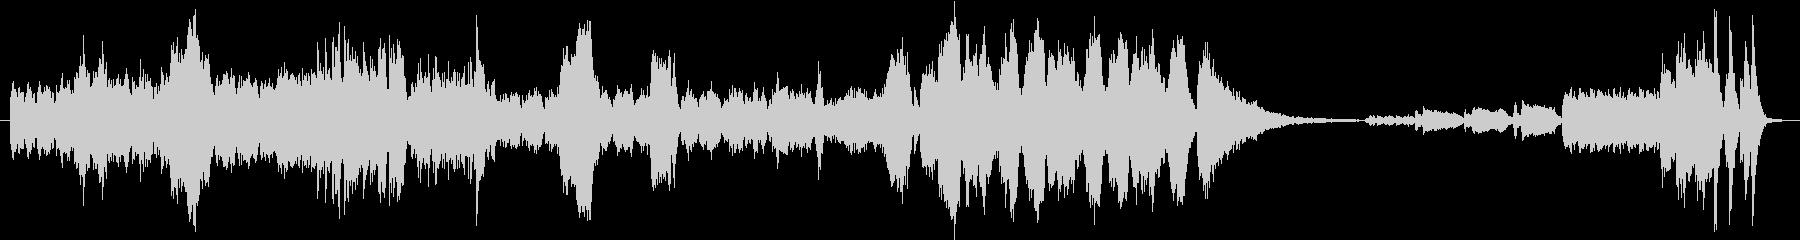 フルオーケストラで激しい場面のイメージの未再生の波形